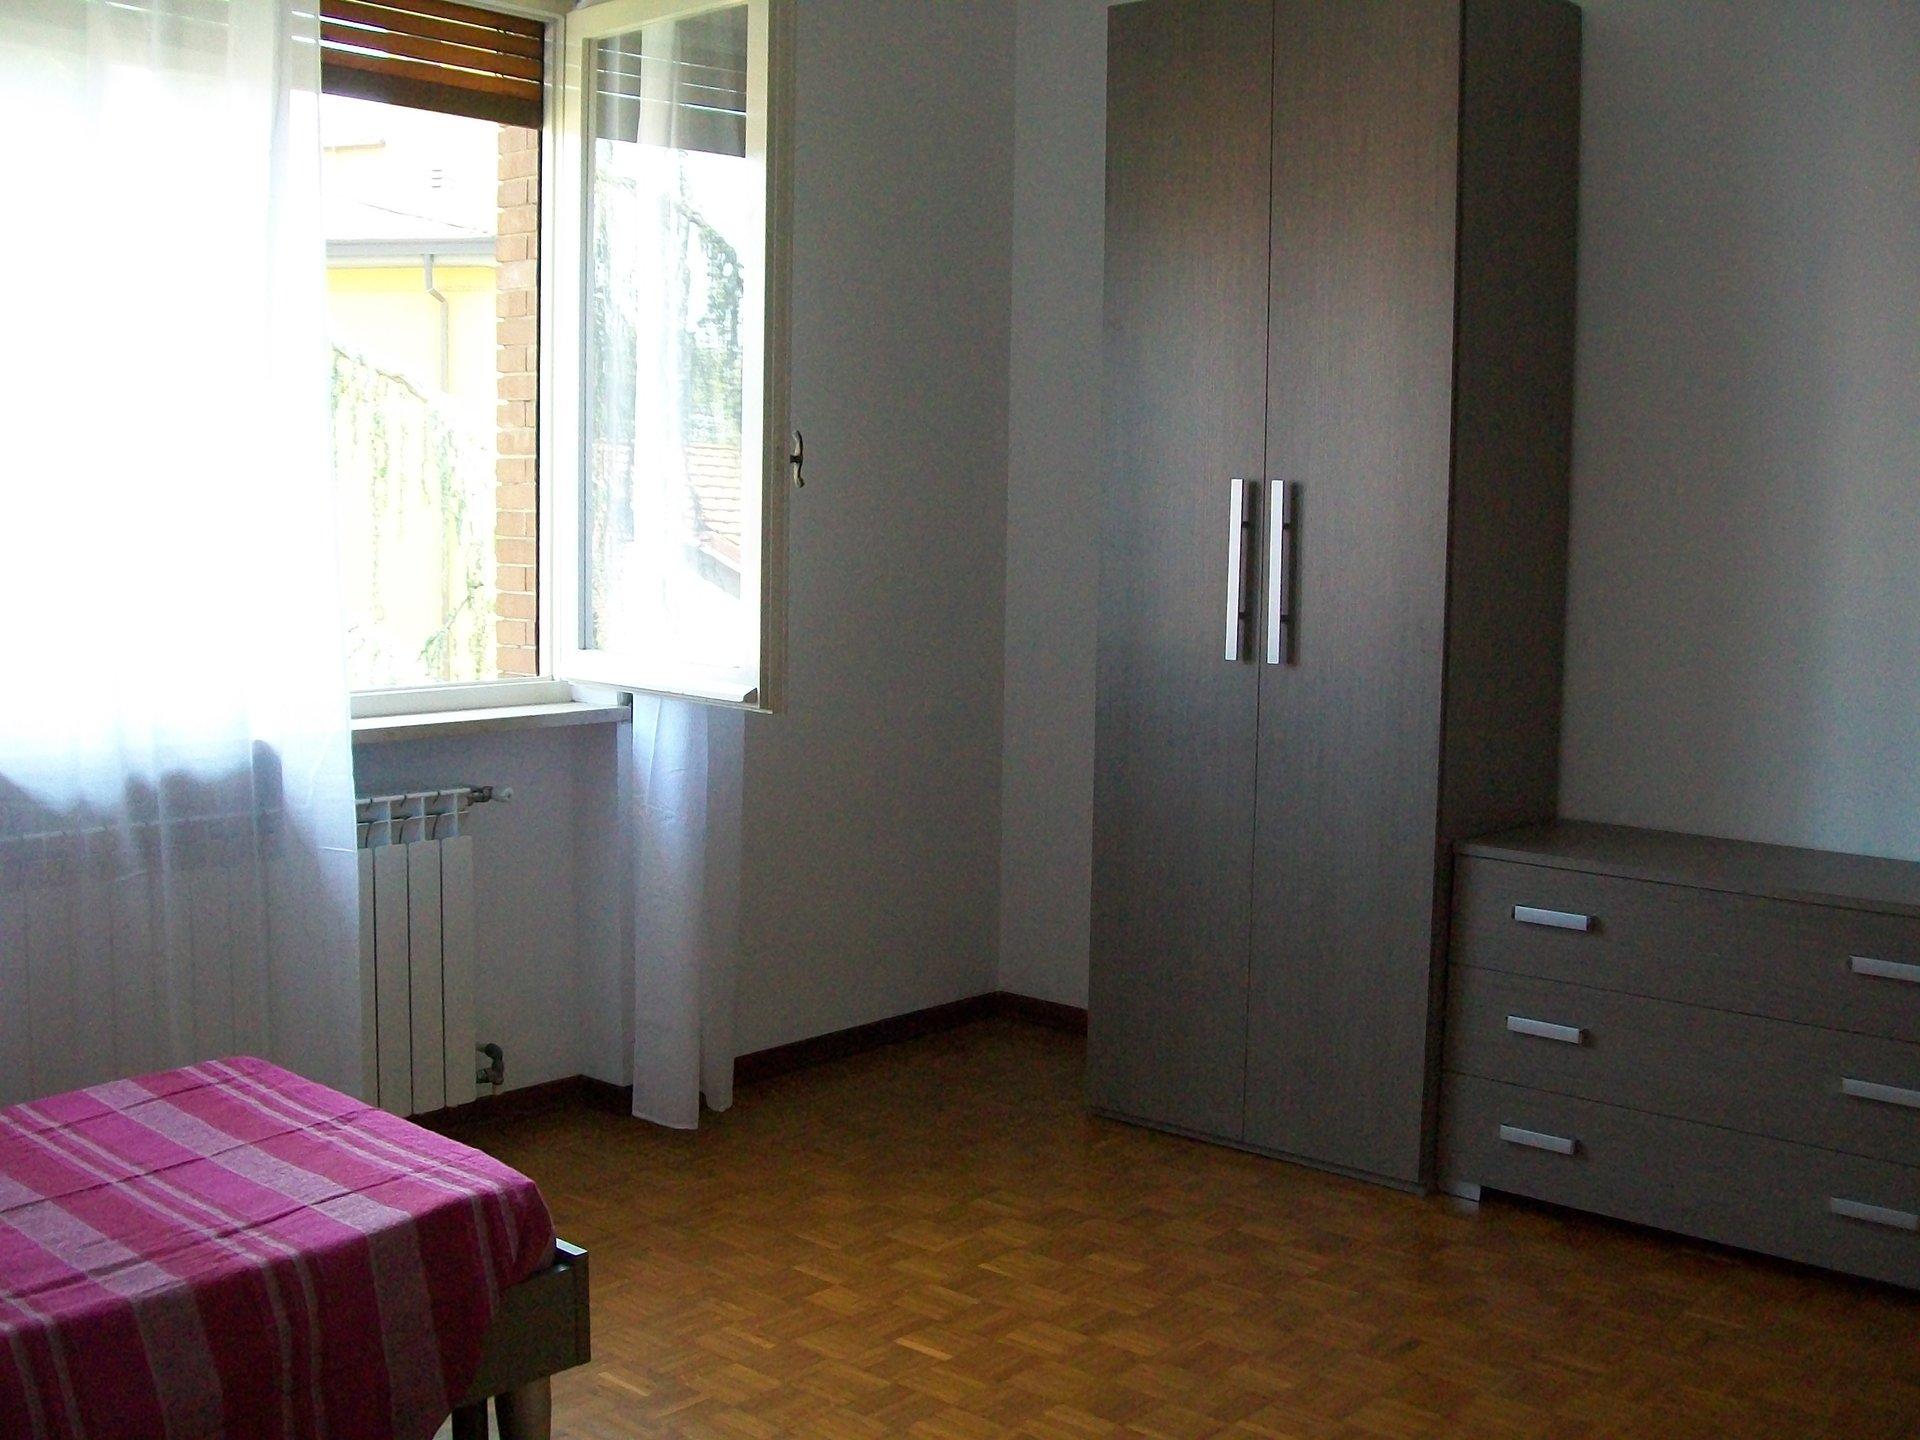 una stanza singola